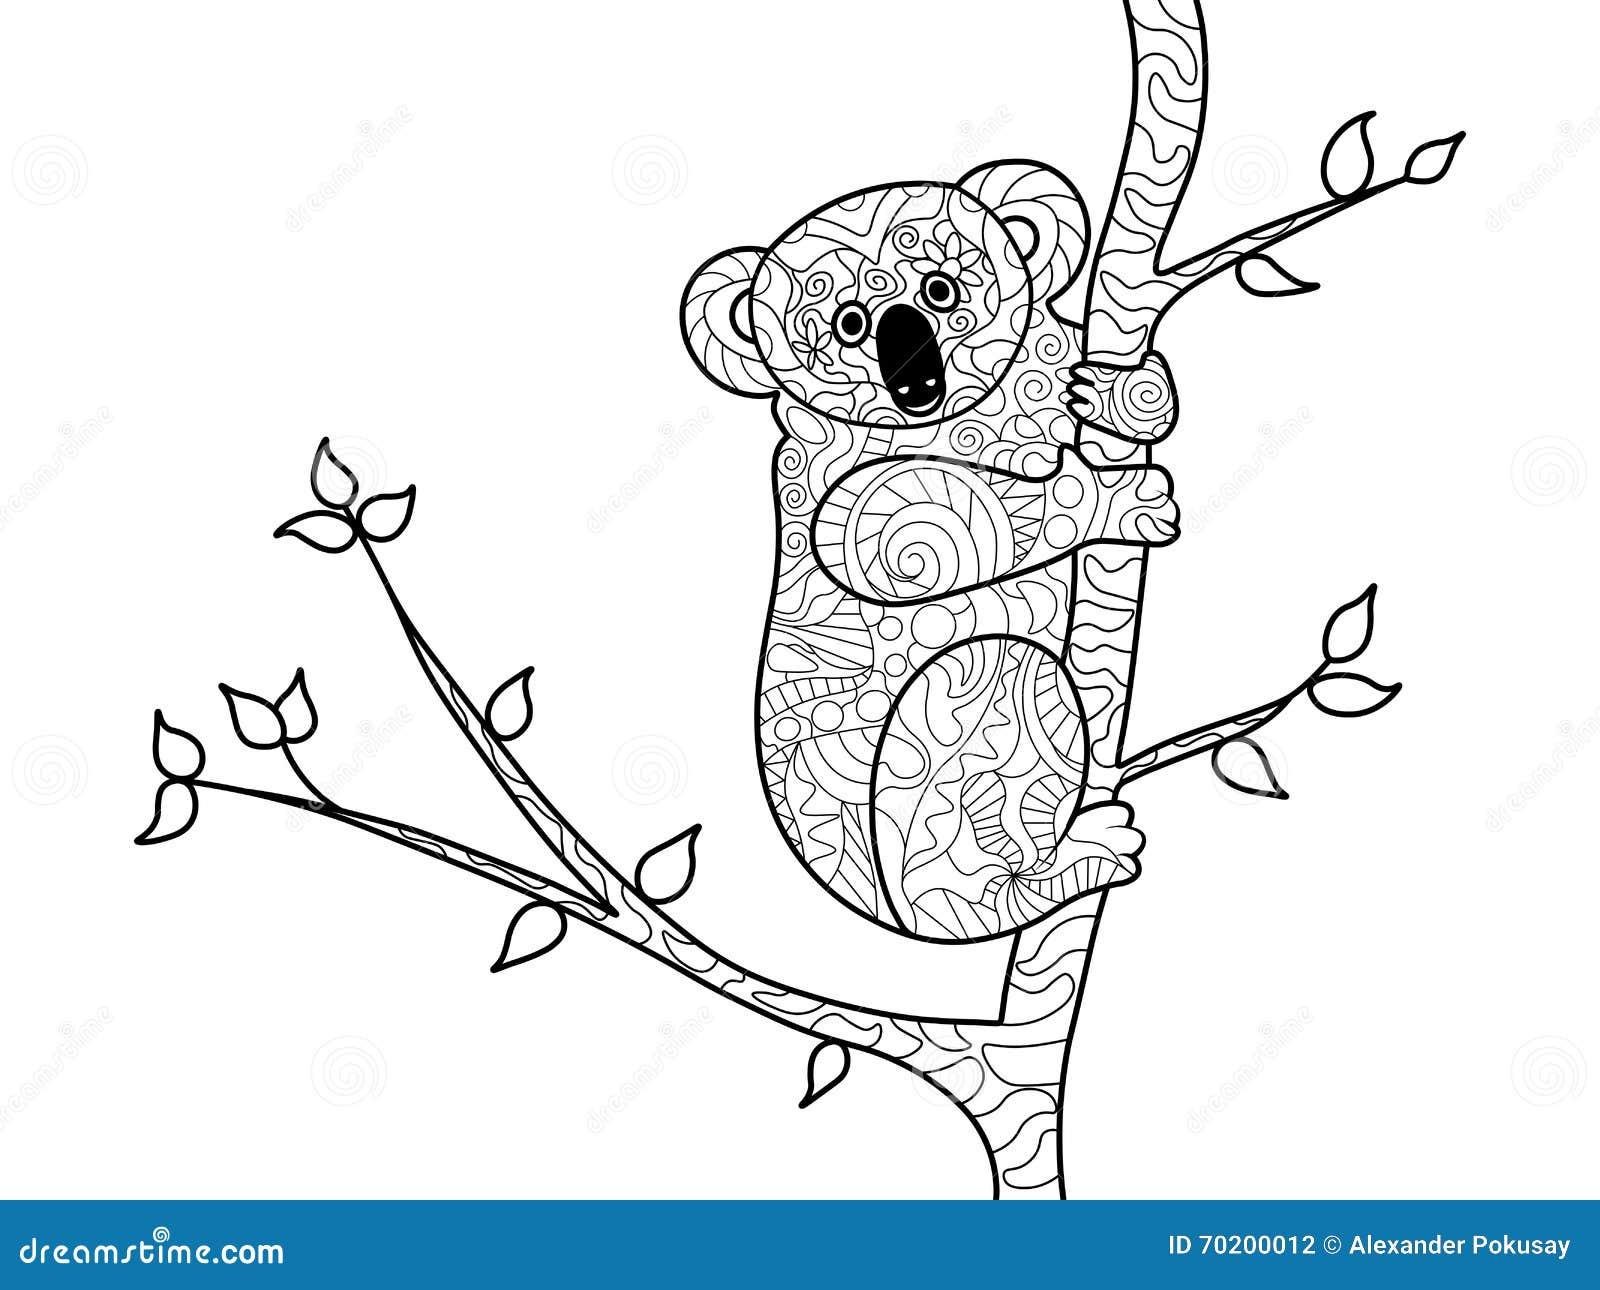 Coloriage Gratuit Koala.Livre De Coloriage D Ours De Koala Pour Le Vecteur D Adultes